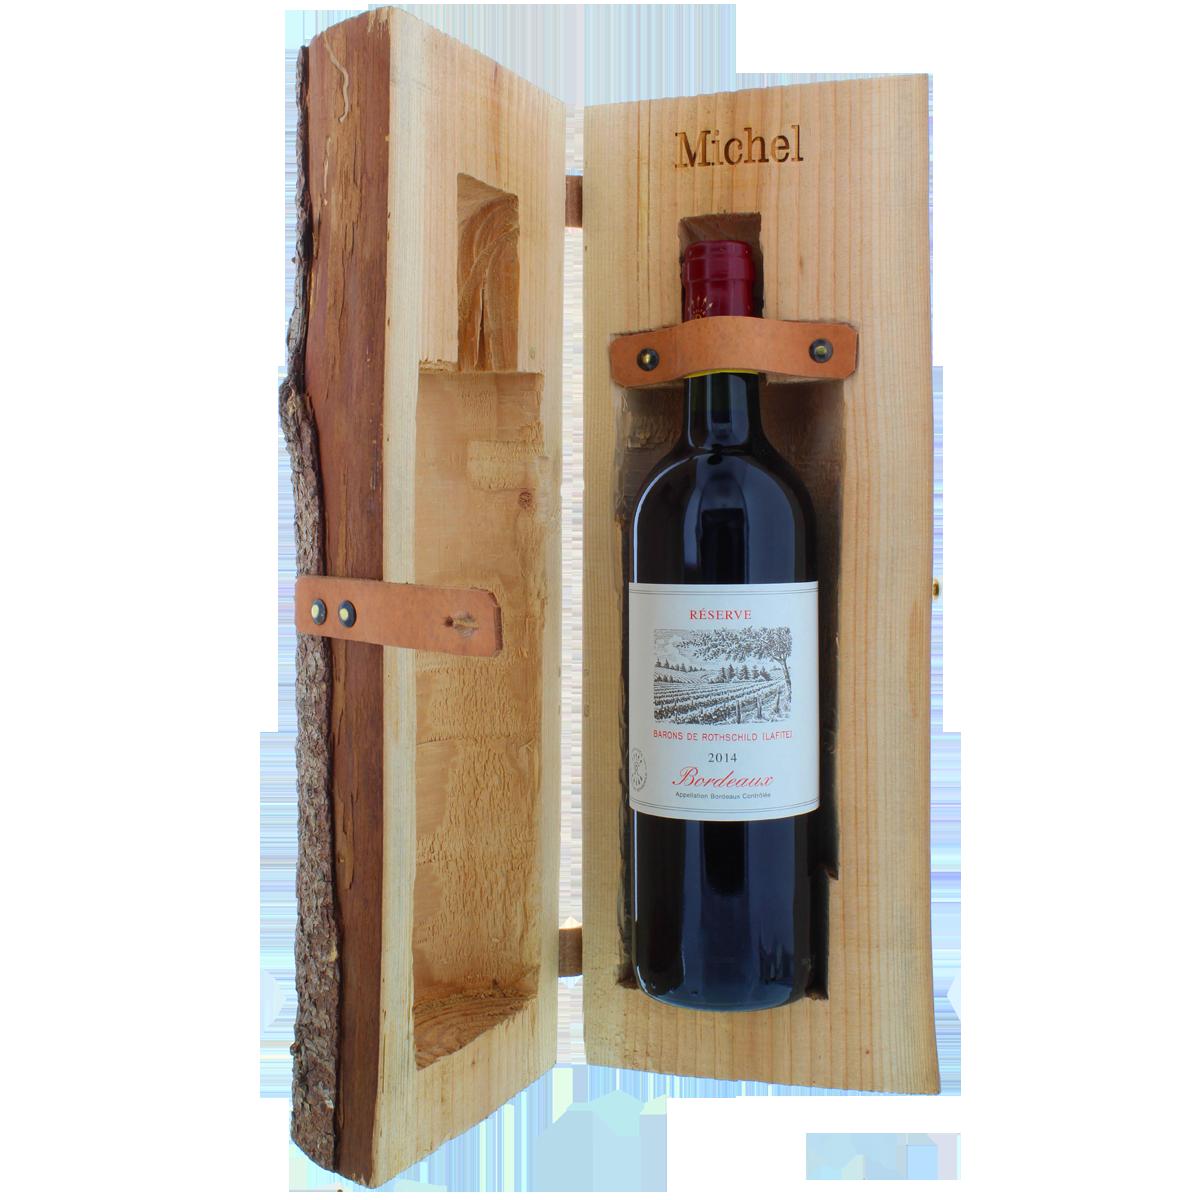 Rondin de bois, tronc d'arbre, coffret de vin, coffret en bois, cadeau, idée-cadeau, Bordeaux, vin